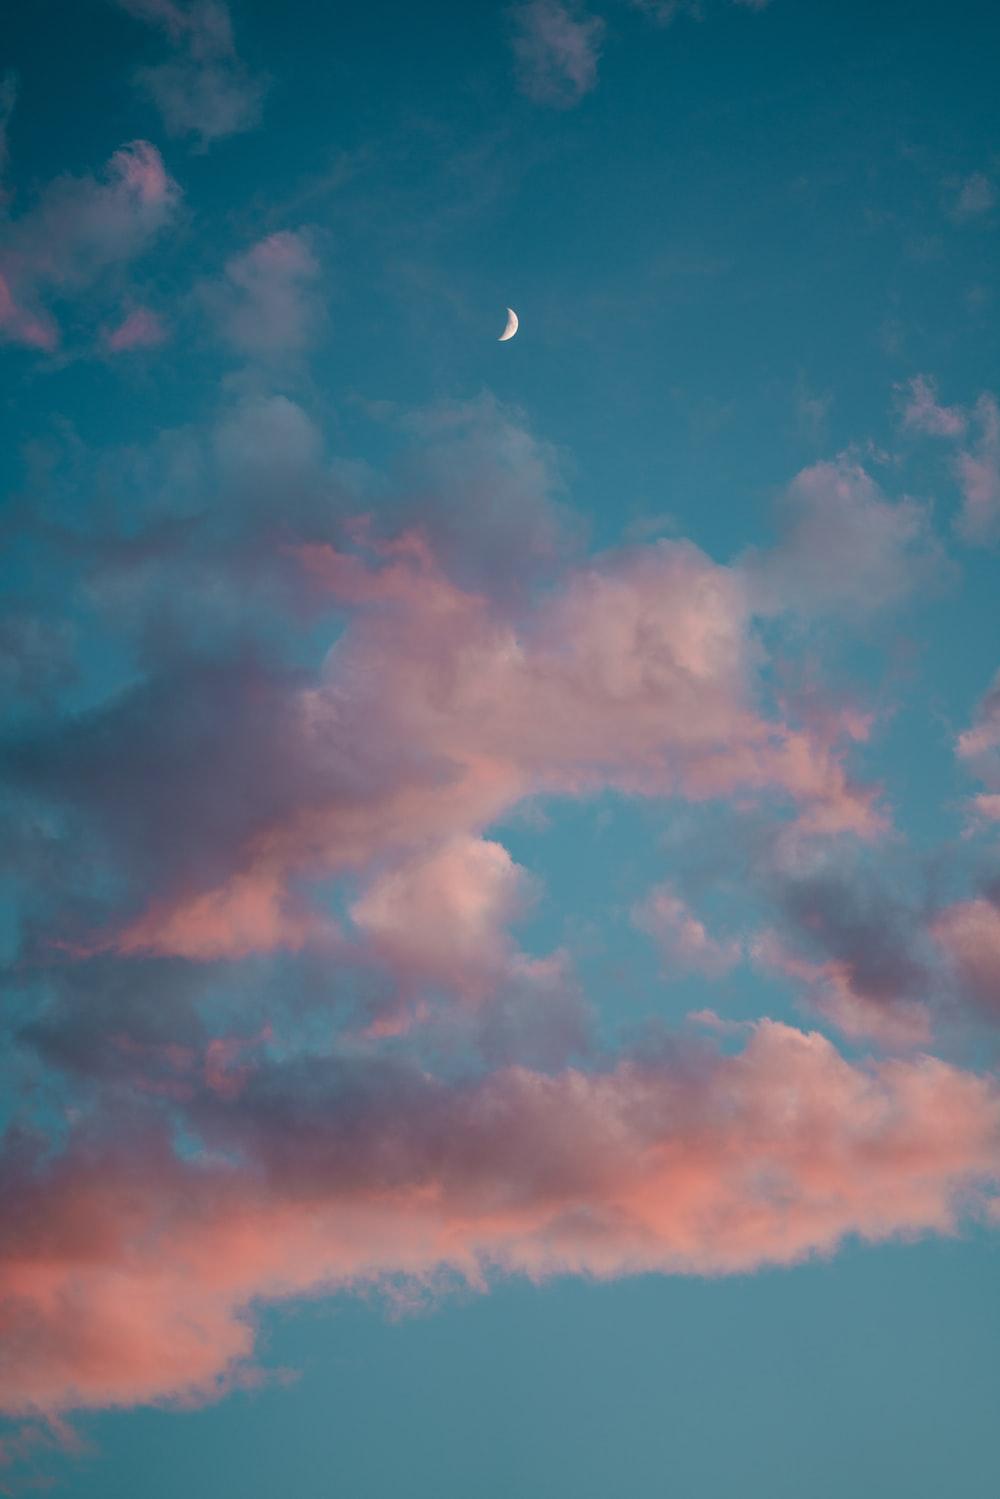 Hình ảnh áng mây hồng trăng lên